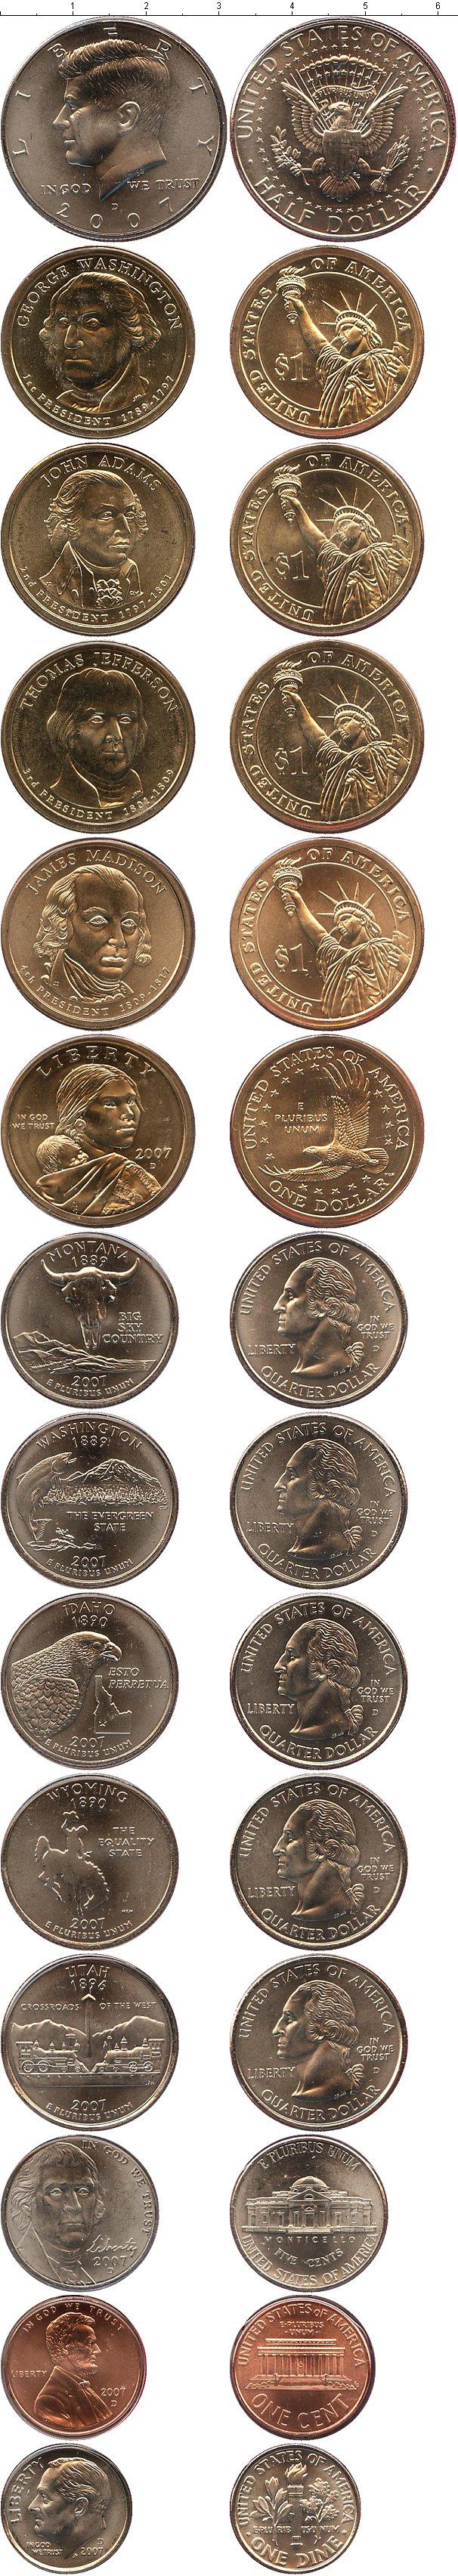 Картинка Подарочные монеты США Выпуск 2007 года  2007